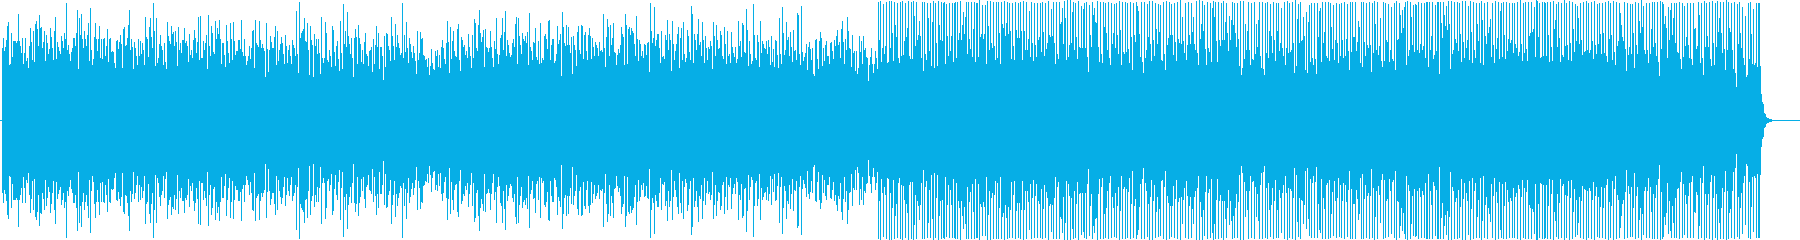 製品紹介映像等向けの軽快なテンポのBGMの再生済みの波形